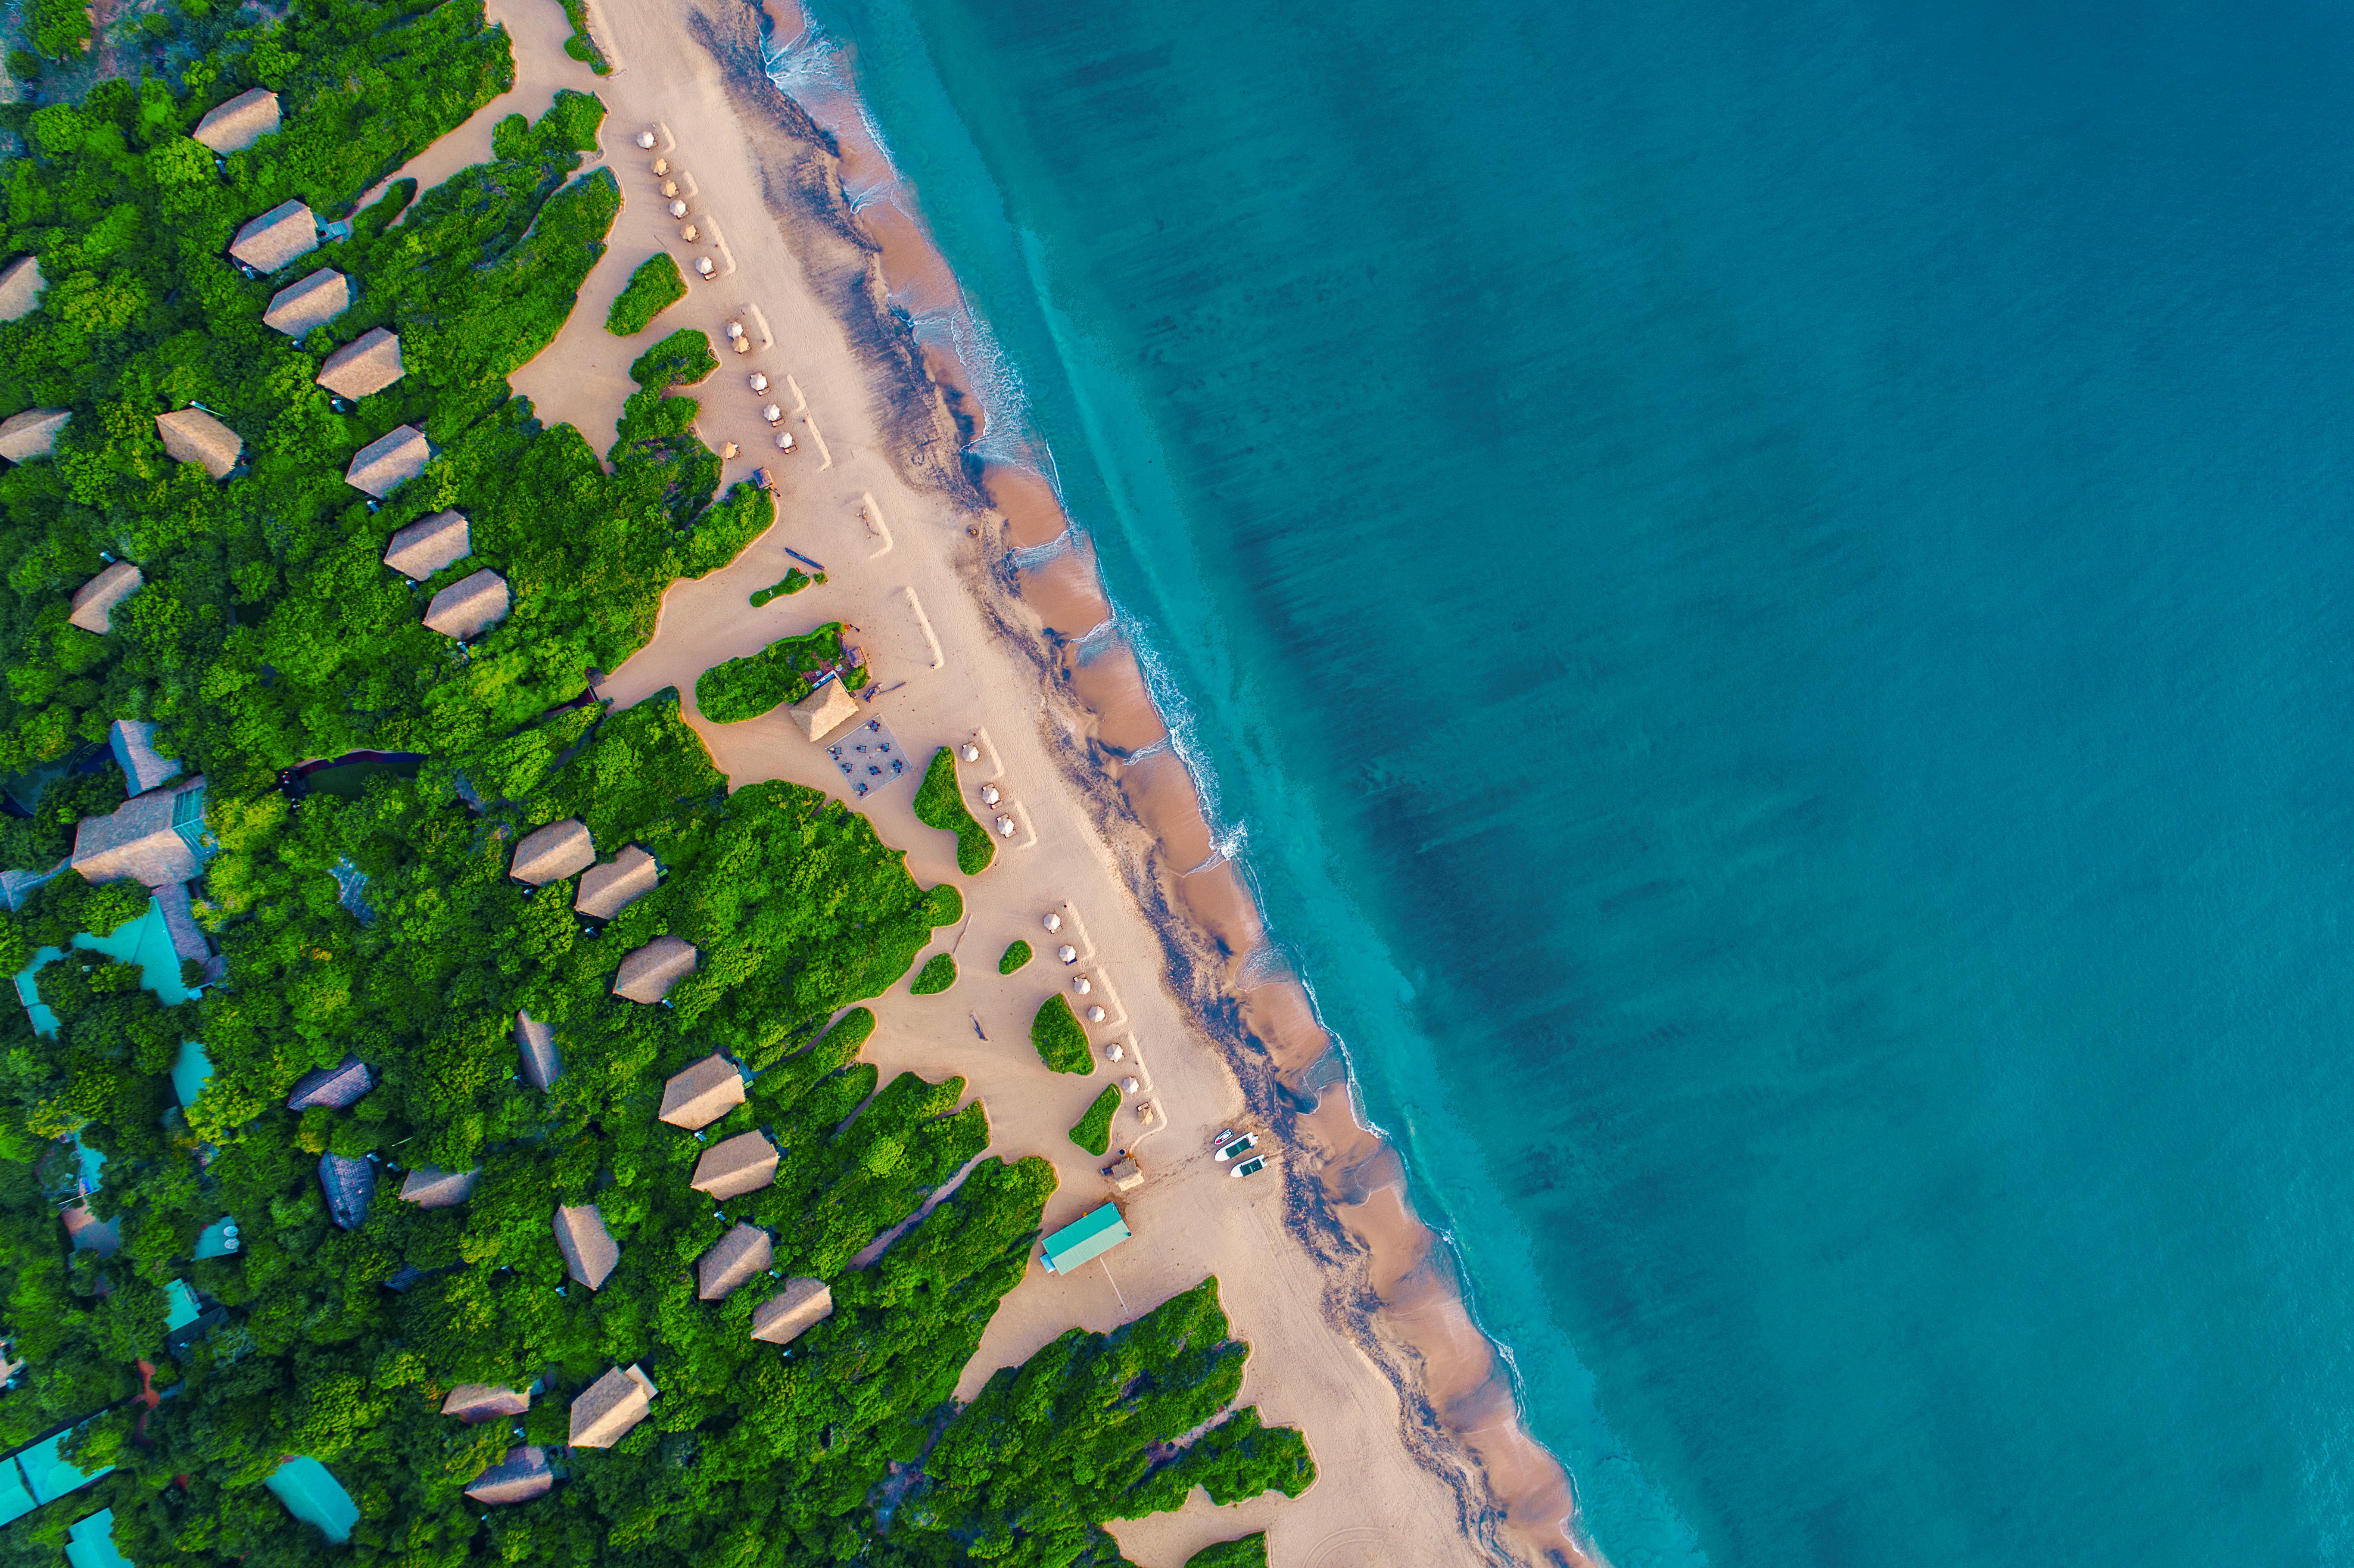 jungle-beach-aerial